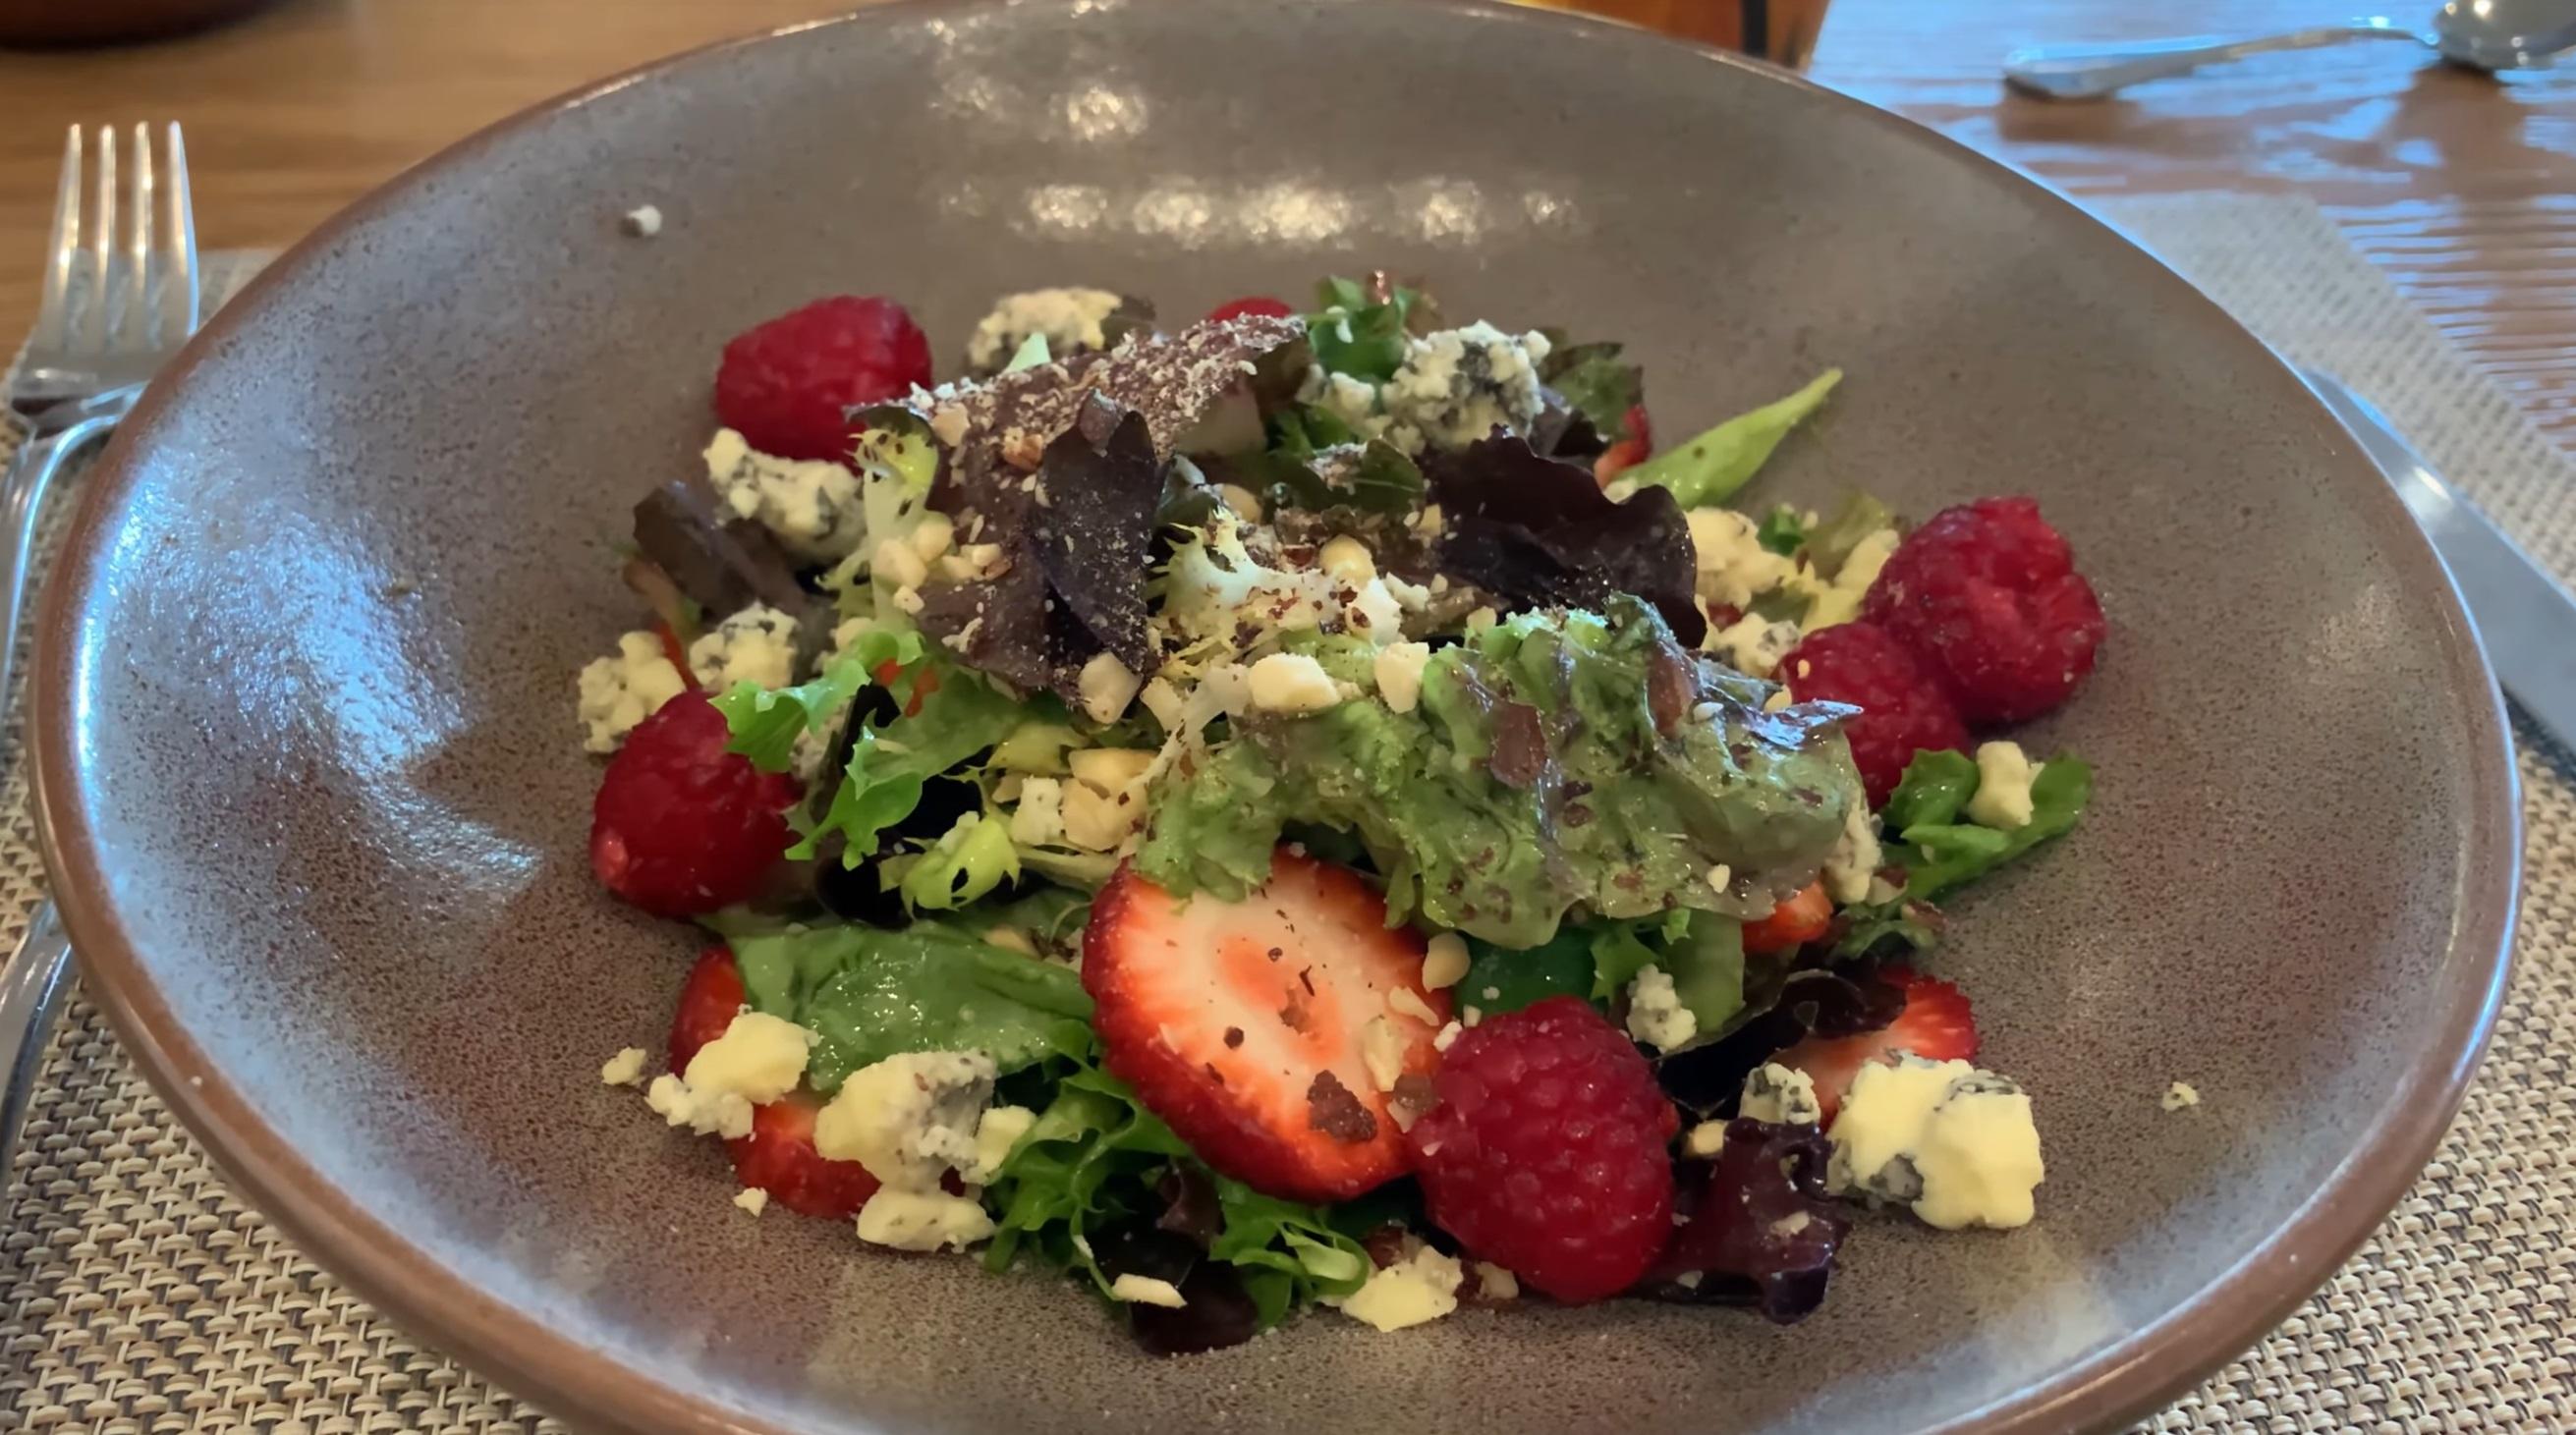 Gluten Free Berry Salad